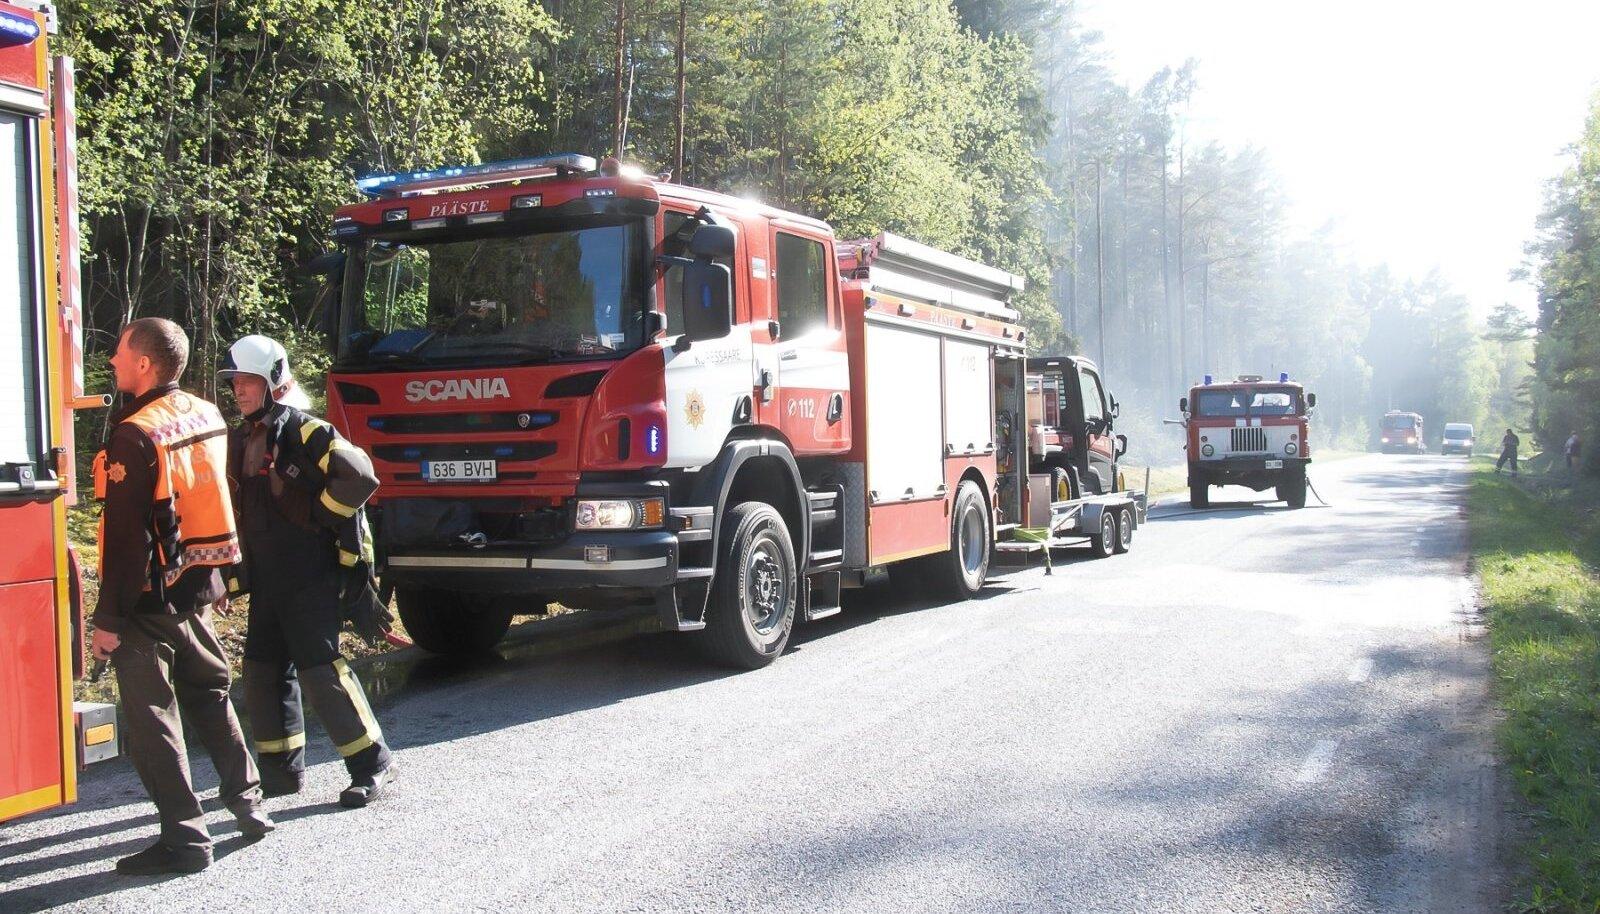 Saaremaal põles 1 ha männi- ja kuusemetsa, kõrgepingeliinikukkusid maapinnale ja süütasid kulu ja pinnase